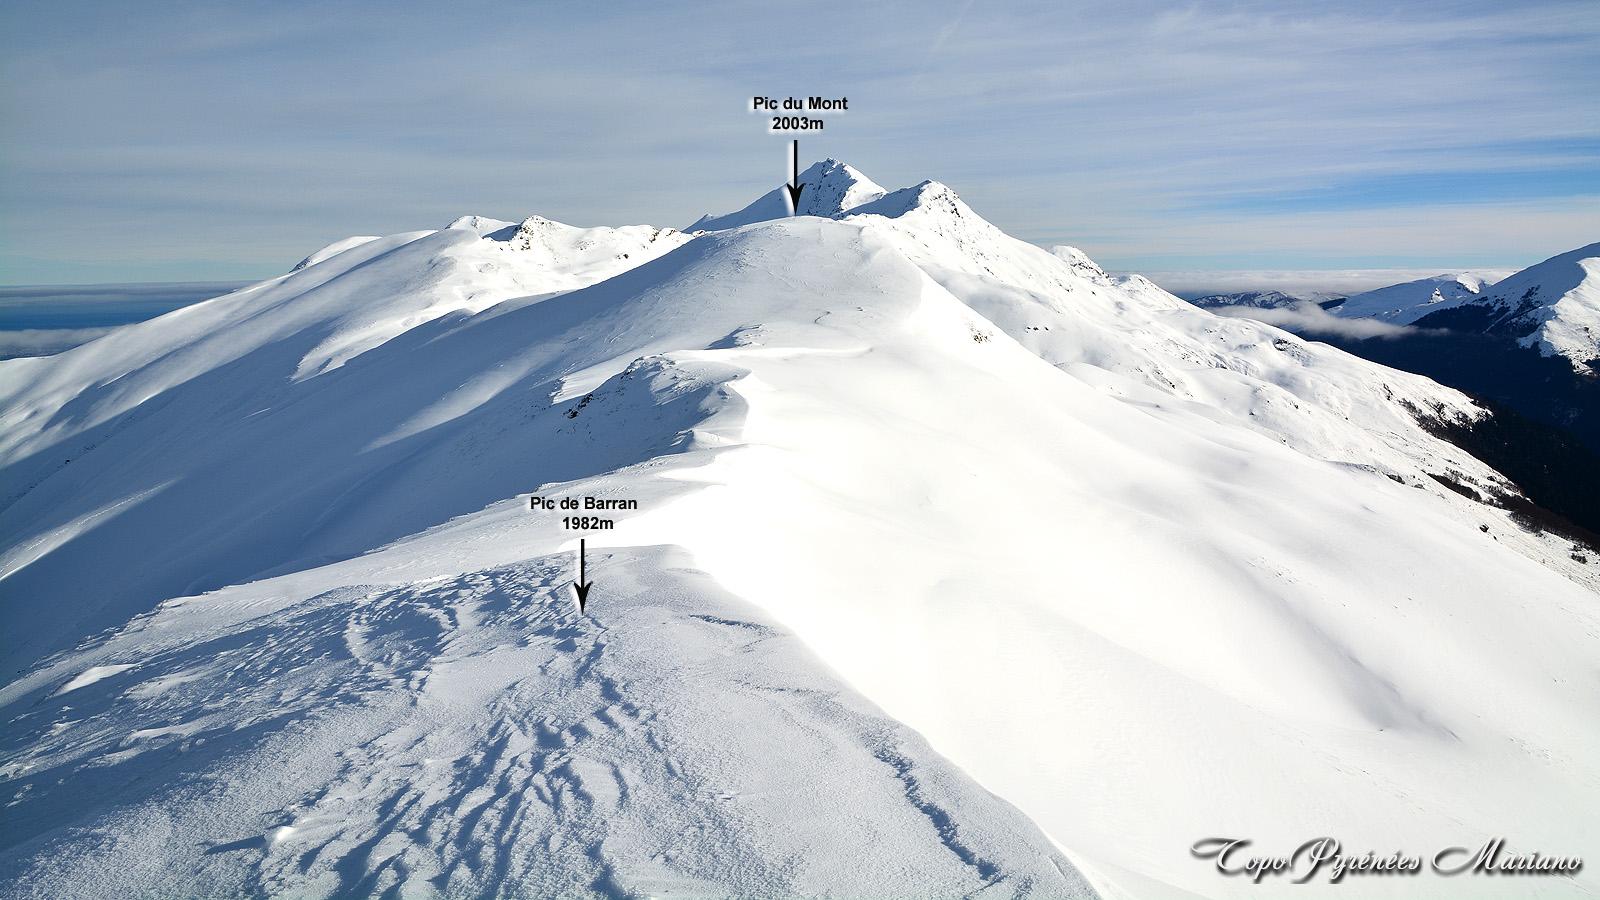 Raquettes Pic de Barran (1982m) et Pic du Mont (2003m)